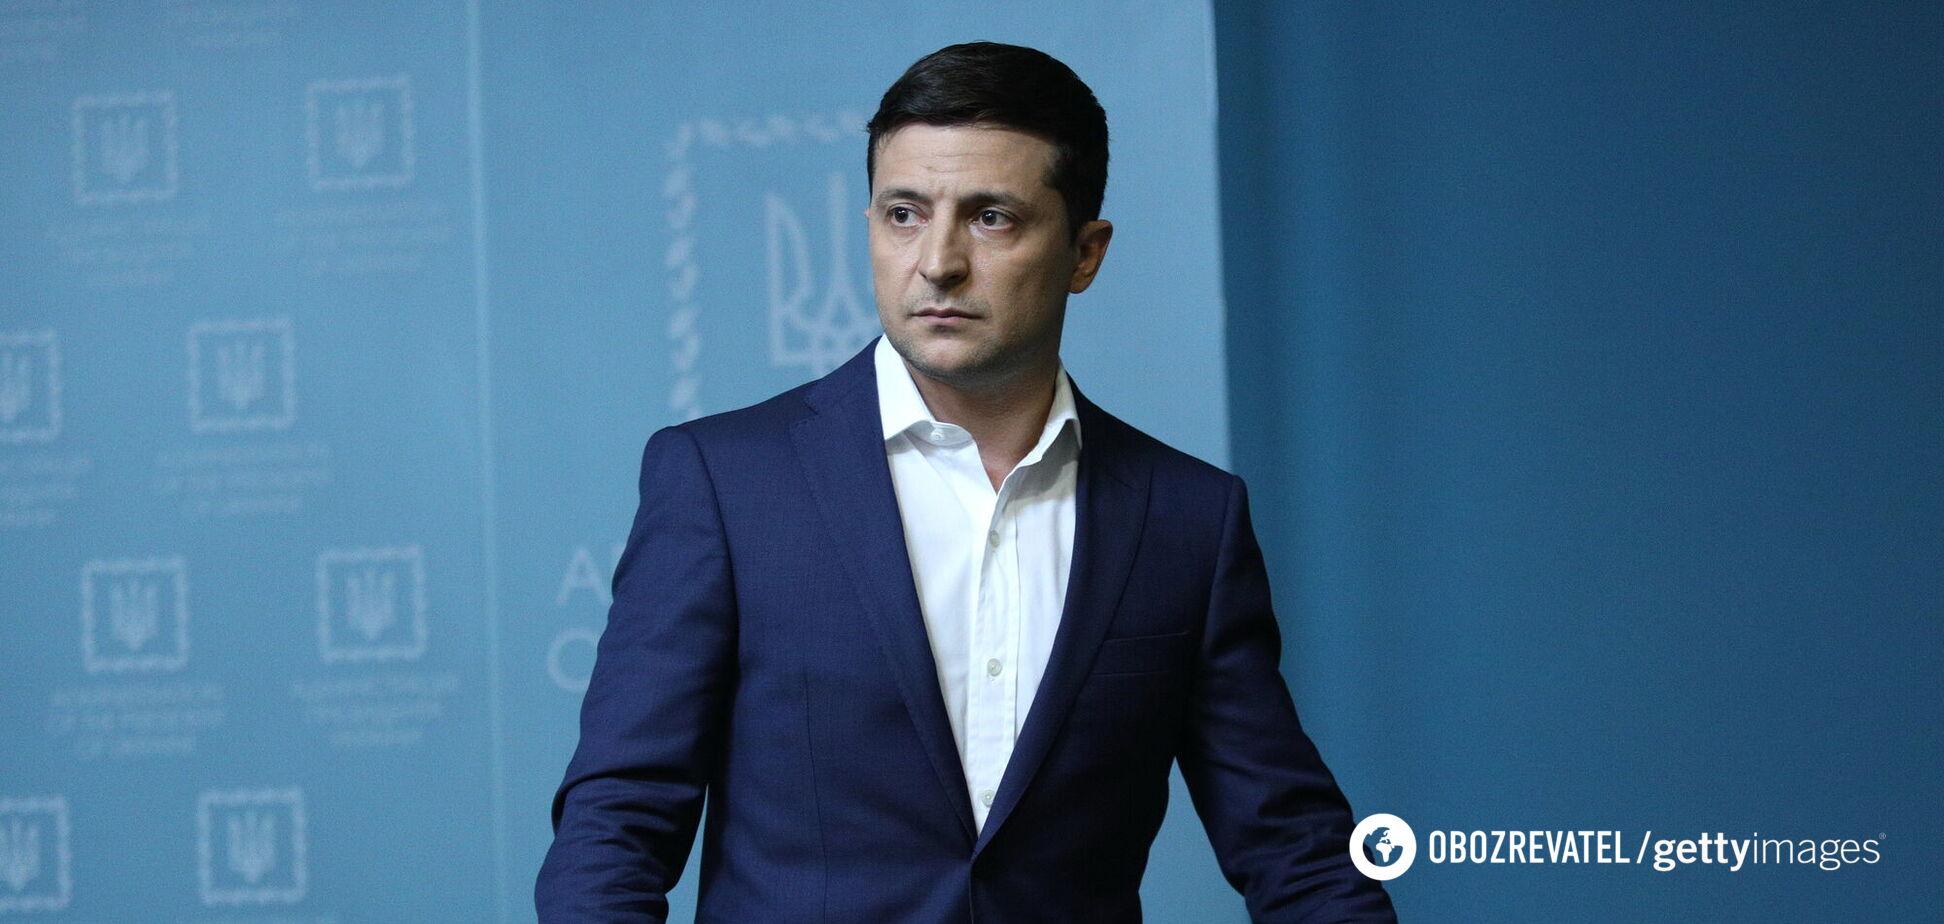 Зеленський лідирує в президентському рейтингу: українці дали оцінку за два роки